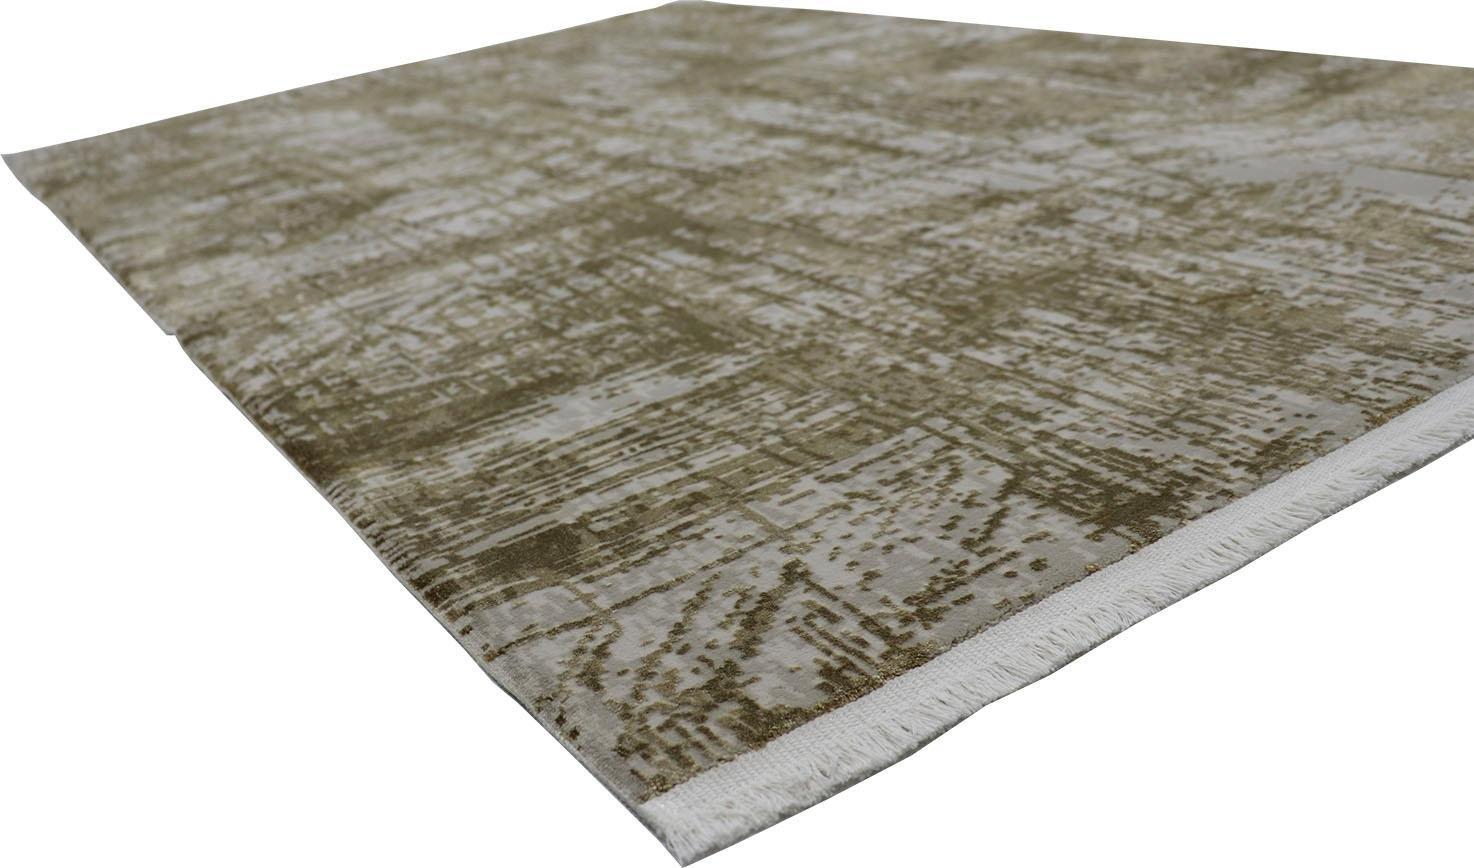 RESITAL The Voice of Carpet vloerkleed Couture 100 Korte pool, geweven, modern design, reliëfstructuur, lichte glans door viscose, met franje, woonkamer nu online bestellen